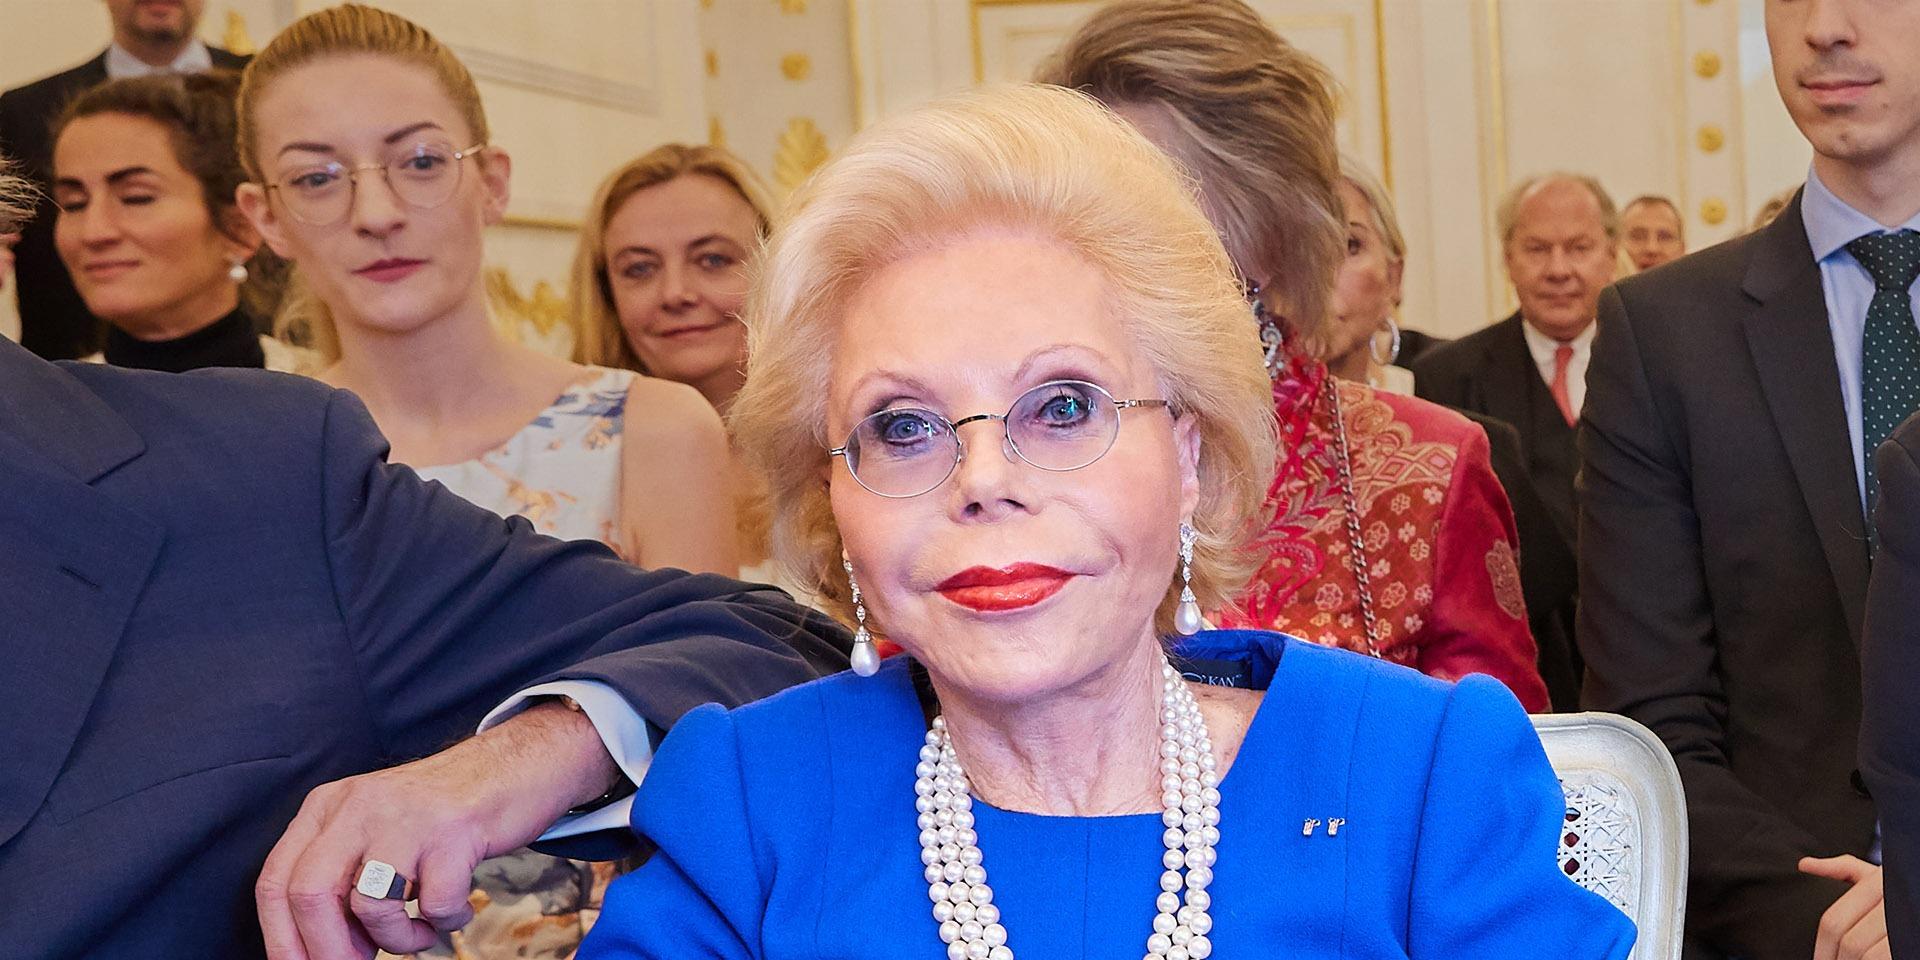 Heidi Horten hat beispielsweise ihr Vermögen durch Erbschaft erhalten.